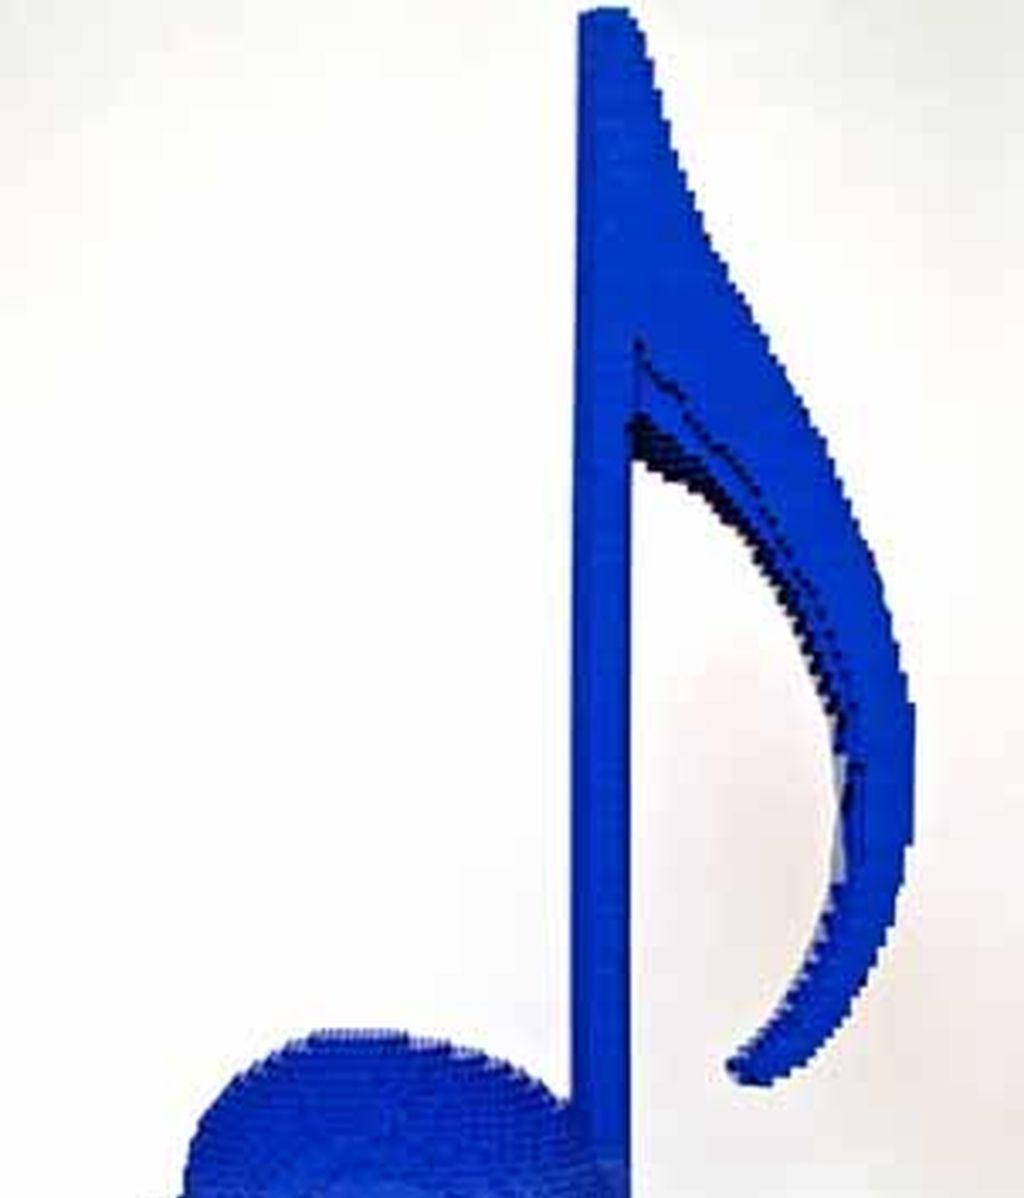 'Cantar'